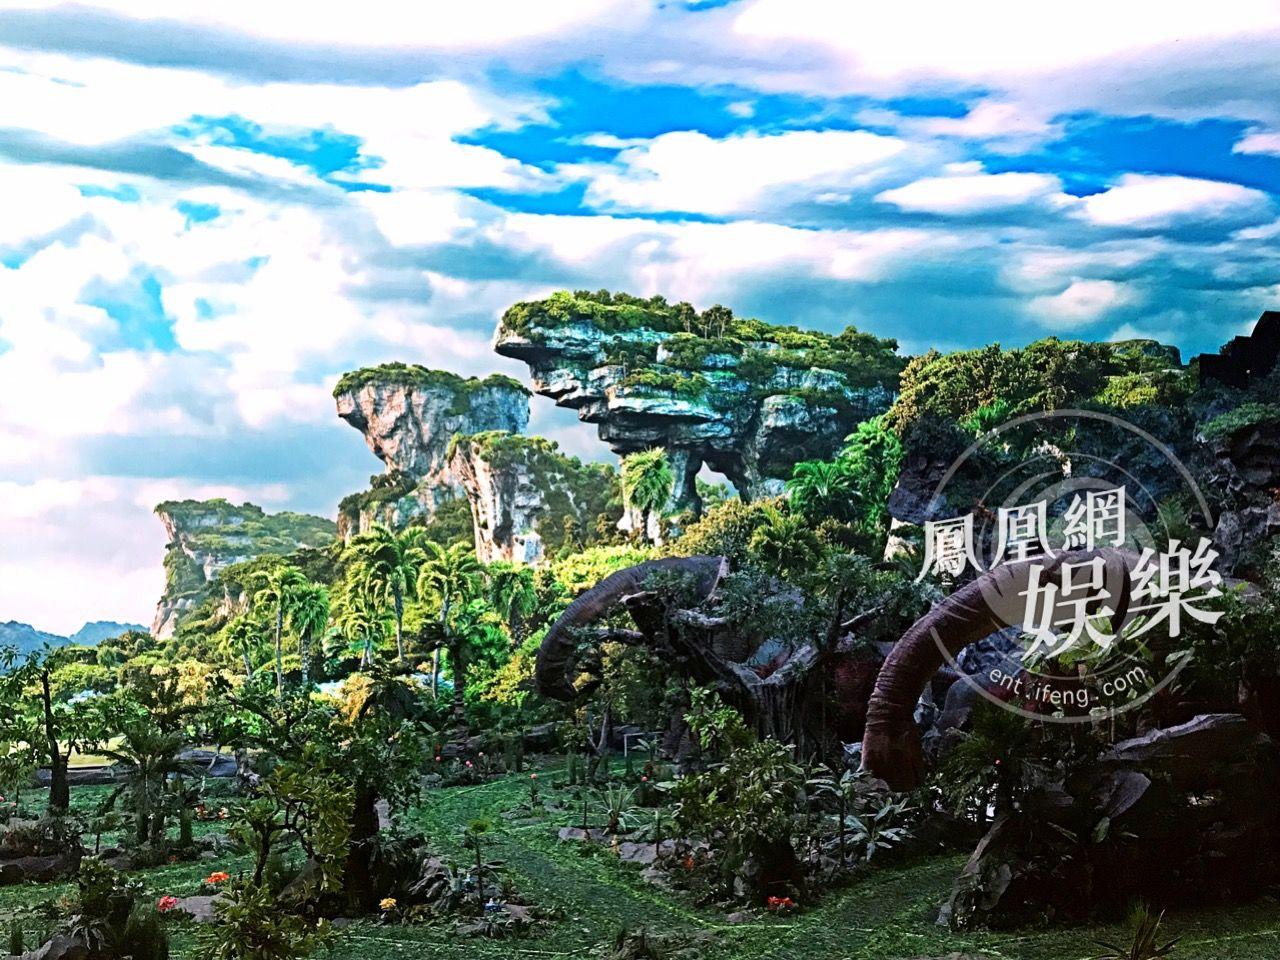 恐龙高像素风景图片